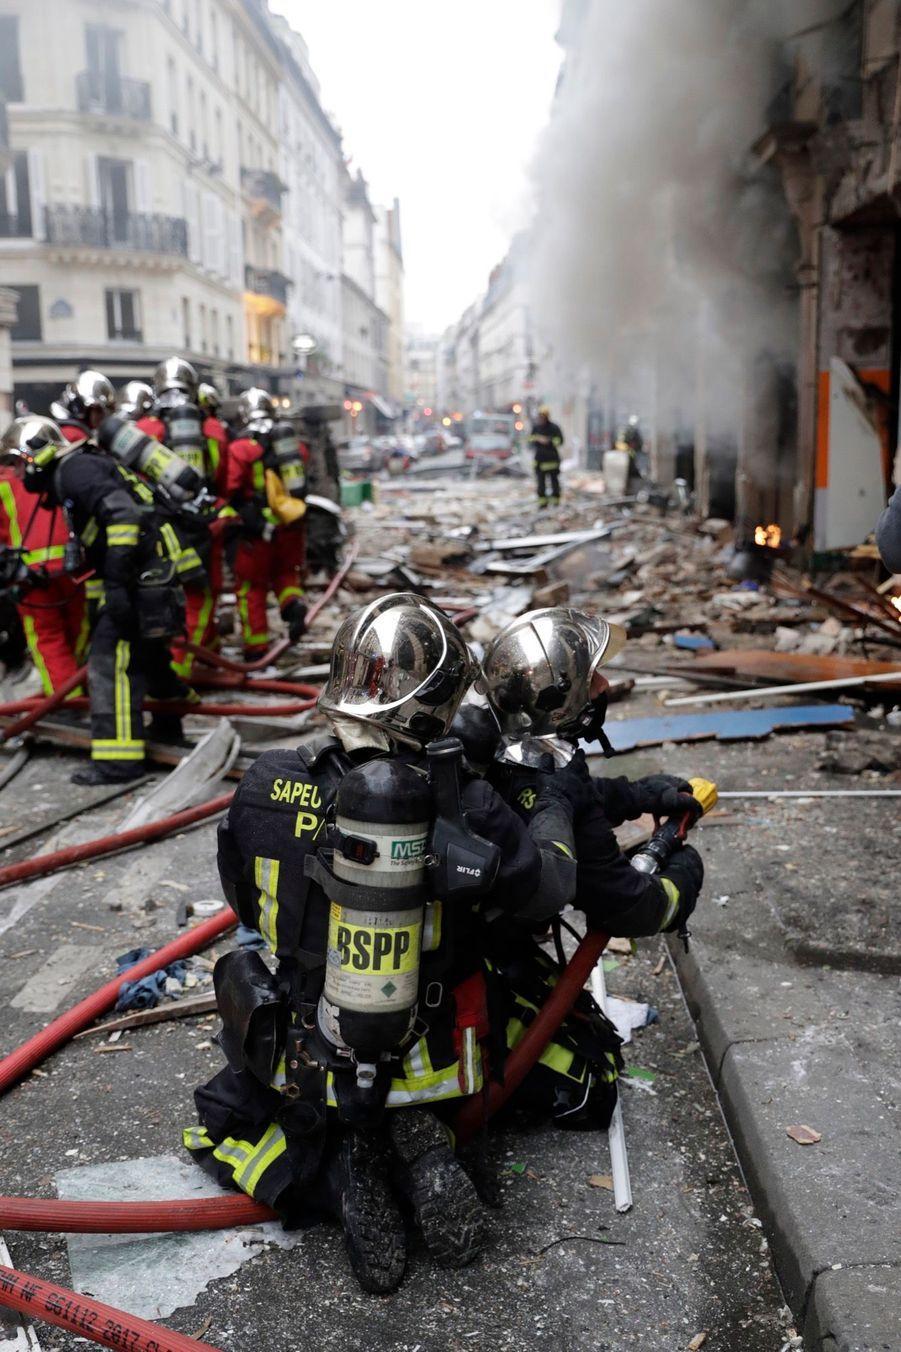 A l'entrée d'une rue voisine, à quelques dizaines de mètres du lieu de l'explosion, une dizaine de personnes blessées notamment à la tête, étaient en train d'être soignées en milieu de matinée.